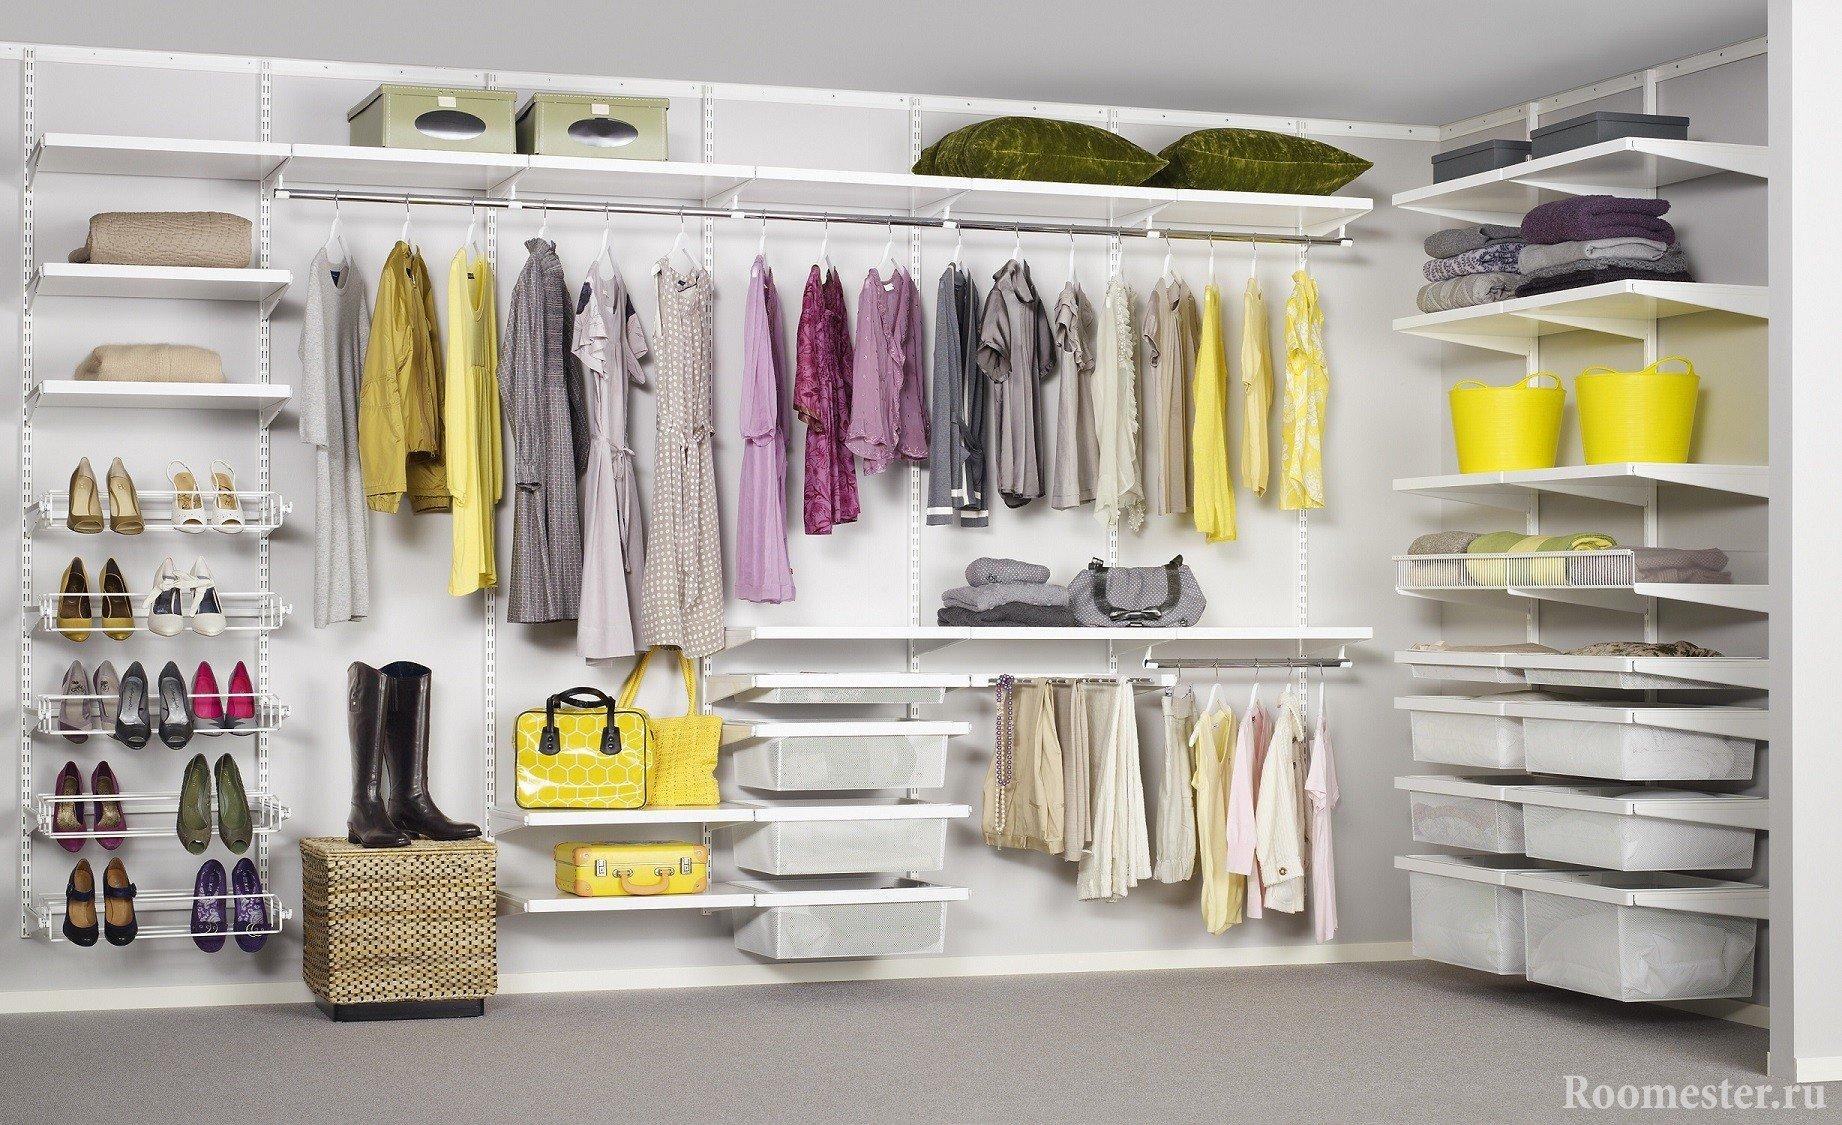 Шкаф-купе в спальню - 95 фото современного дизайна. инструкция, как выбрать и сочетать шкаф в интерьере спальни